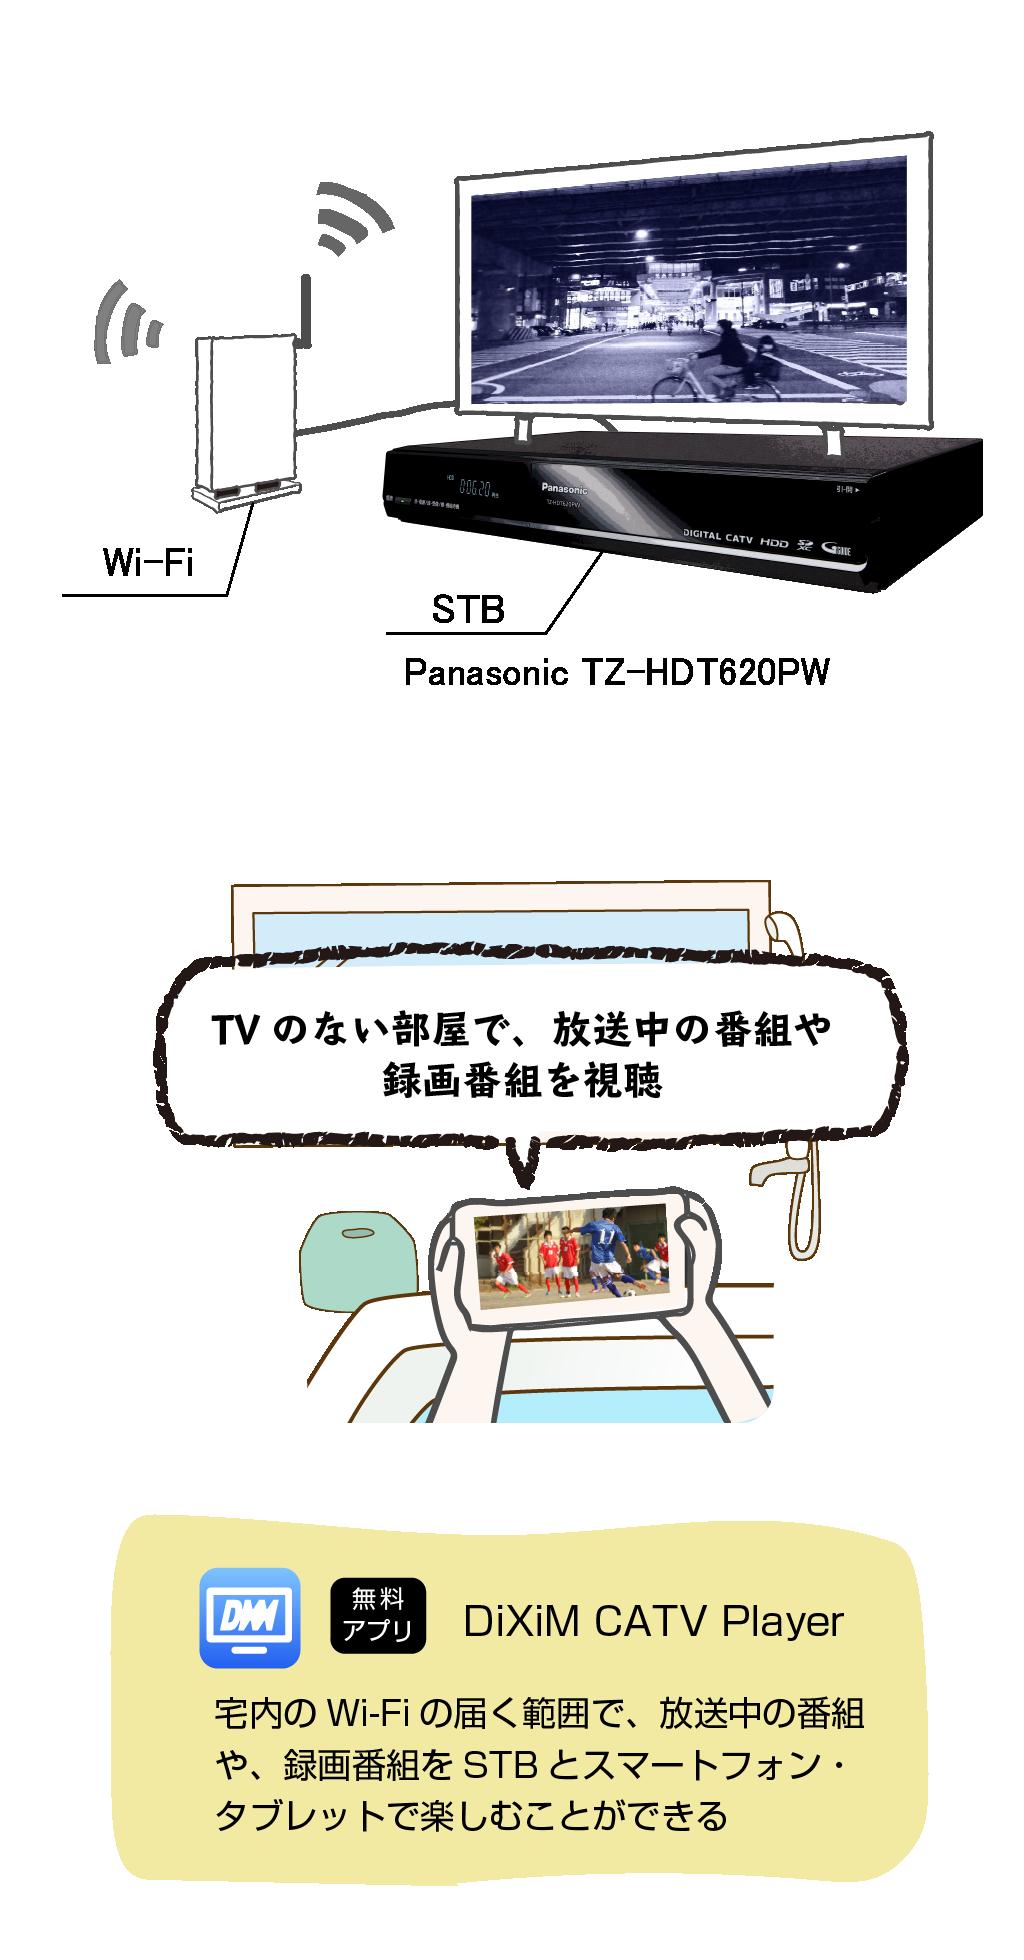 無料アプリ「DiXiM CATV Player」を使えば、テレビのない部屋で、放送中の番組や録画番組が視聴可能。